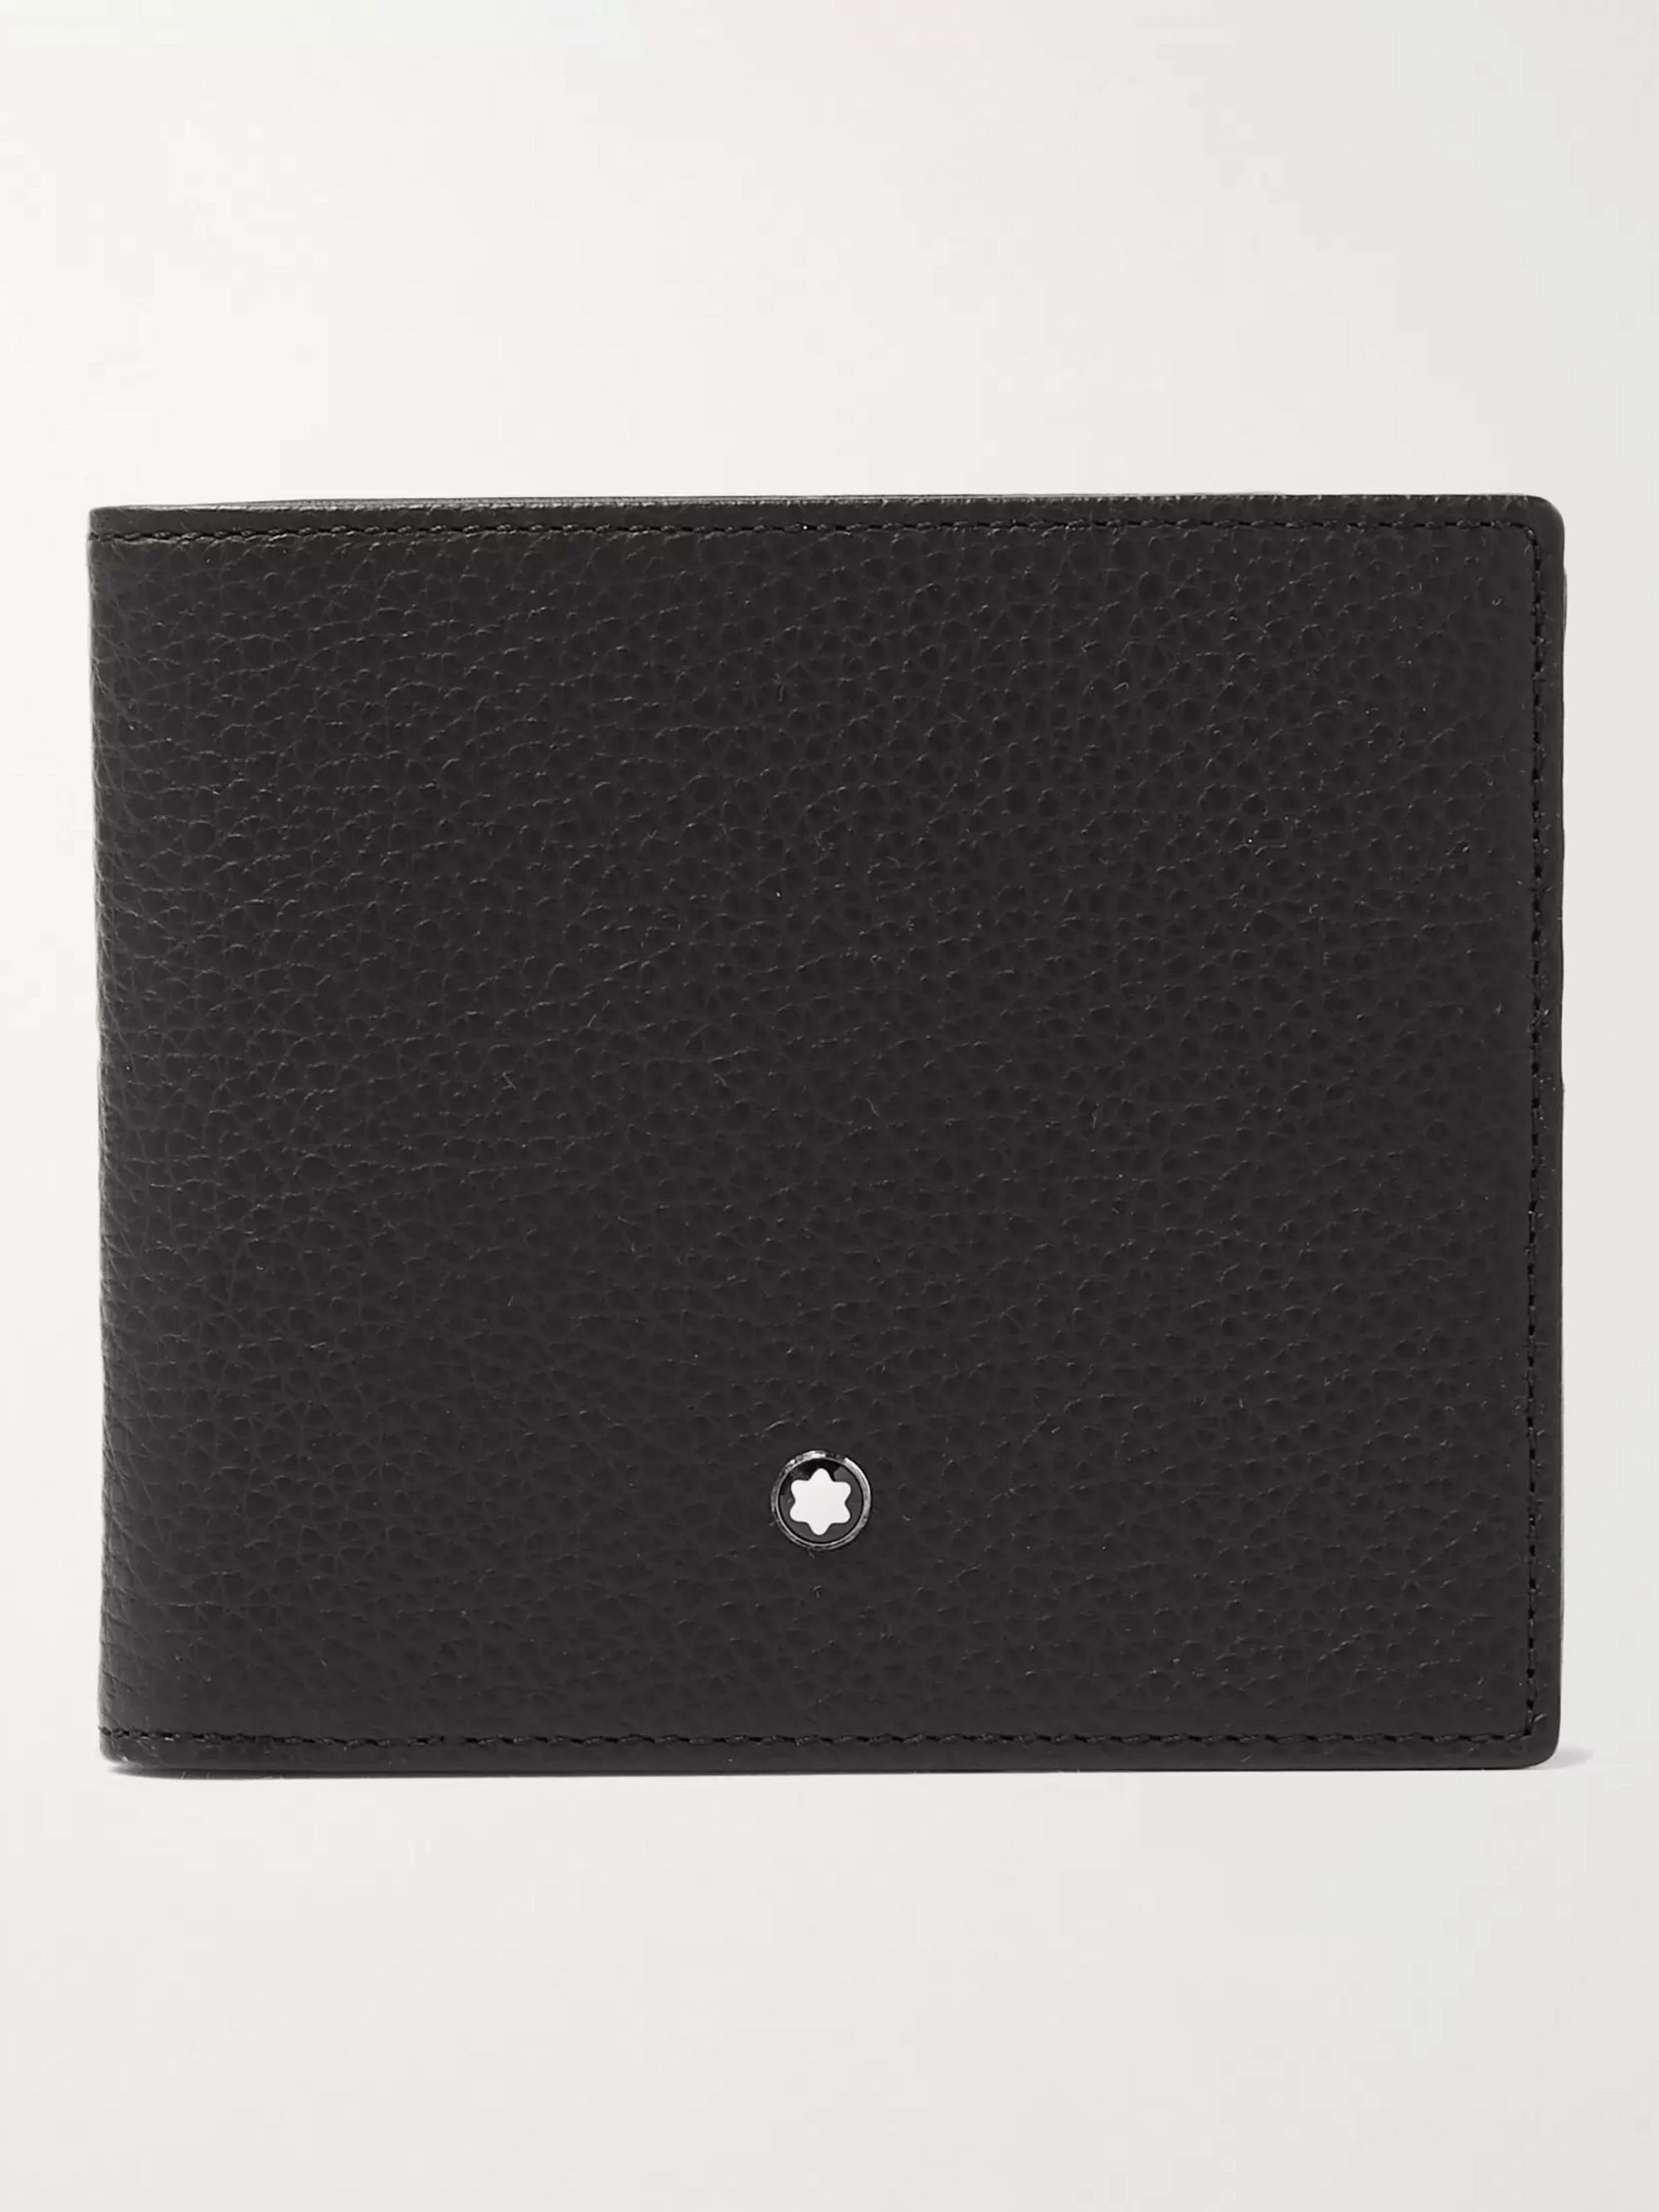 몽블랑 반지갑 Montblanc Full-Grain Leather Billfold Wallet,Black